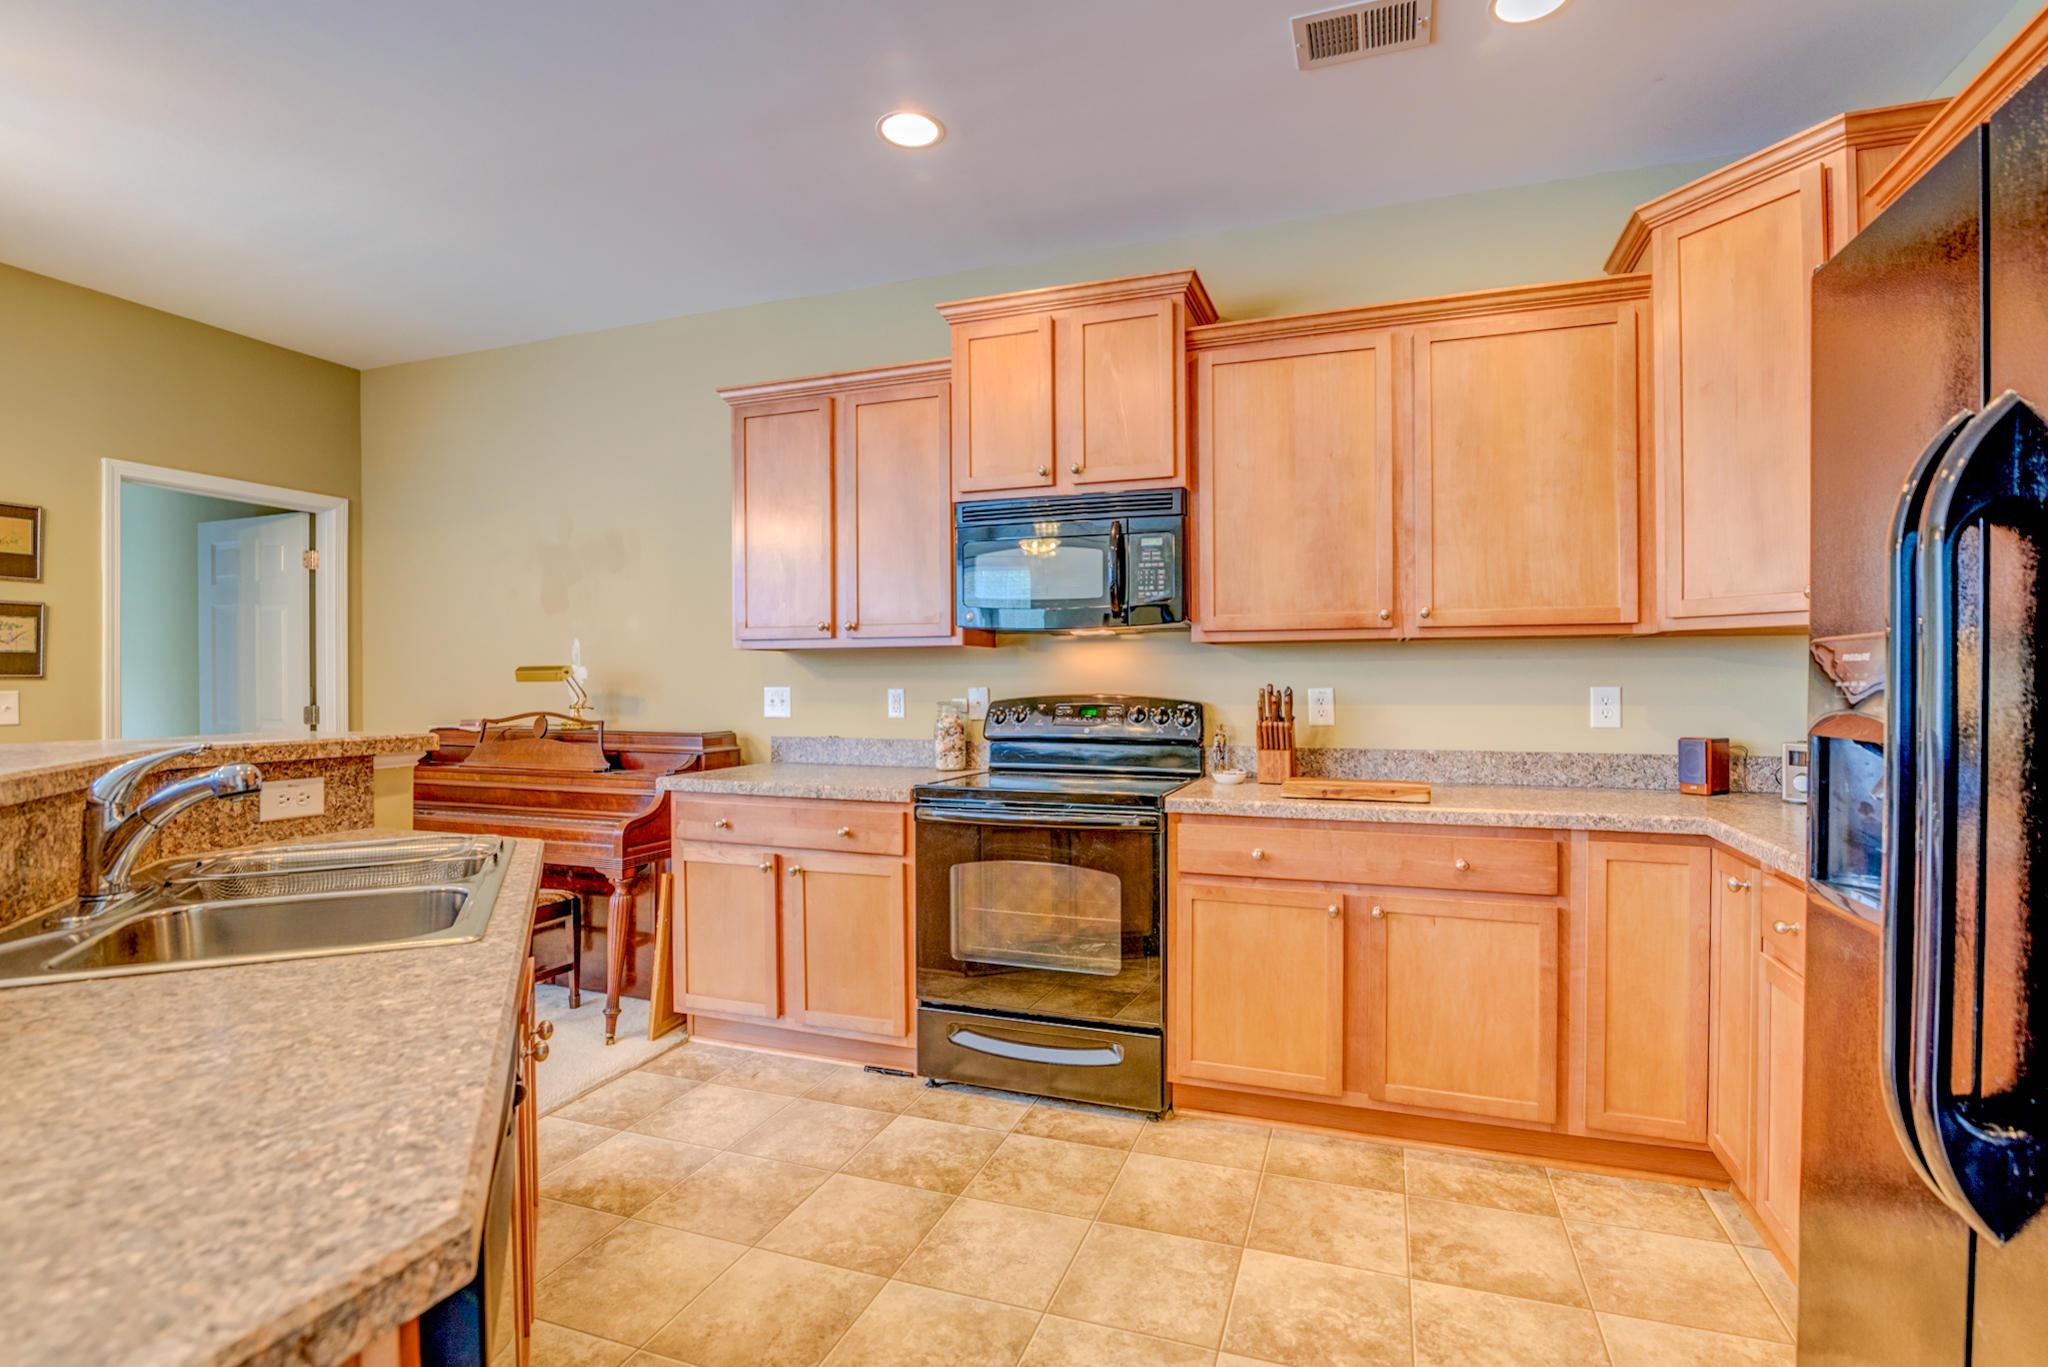 Park West Homes For Sale - 3001 Parkwest, Mount Pleasant, SC - 14